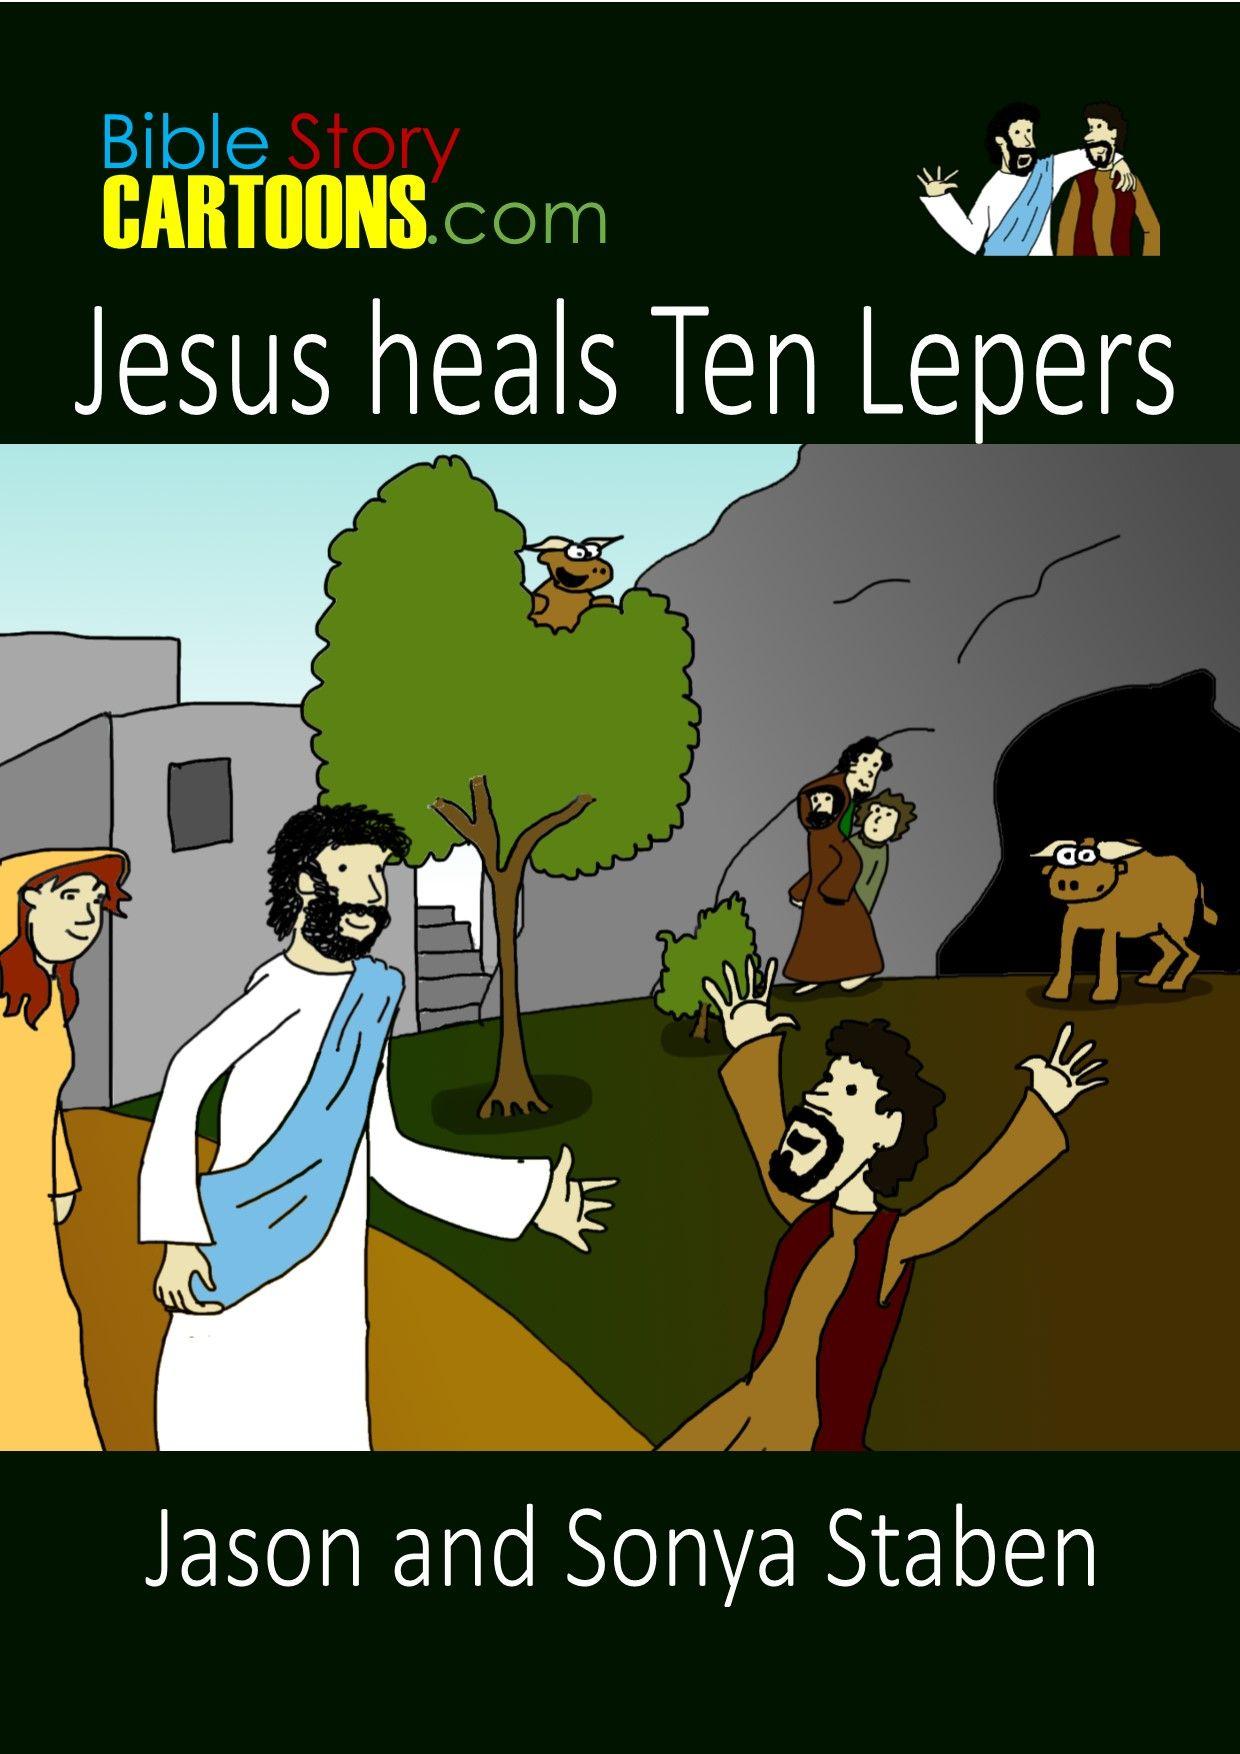 Storybook Jesus Heals 10 Lepers